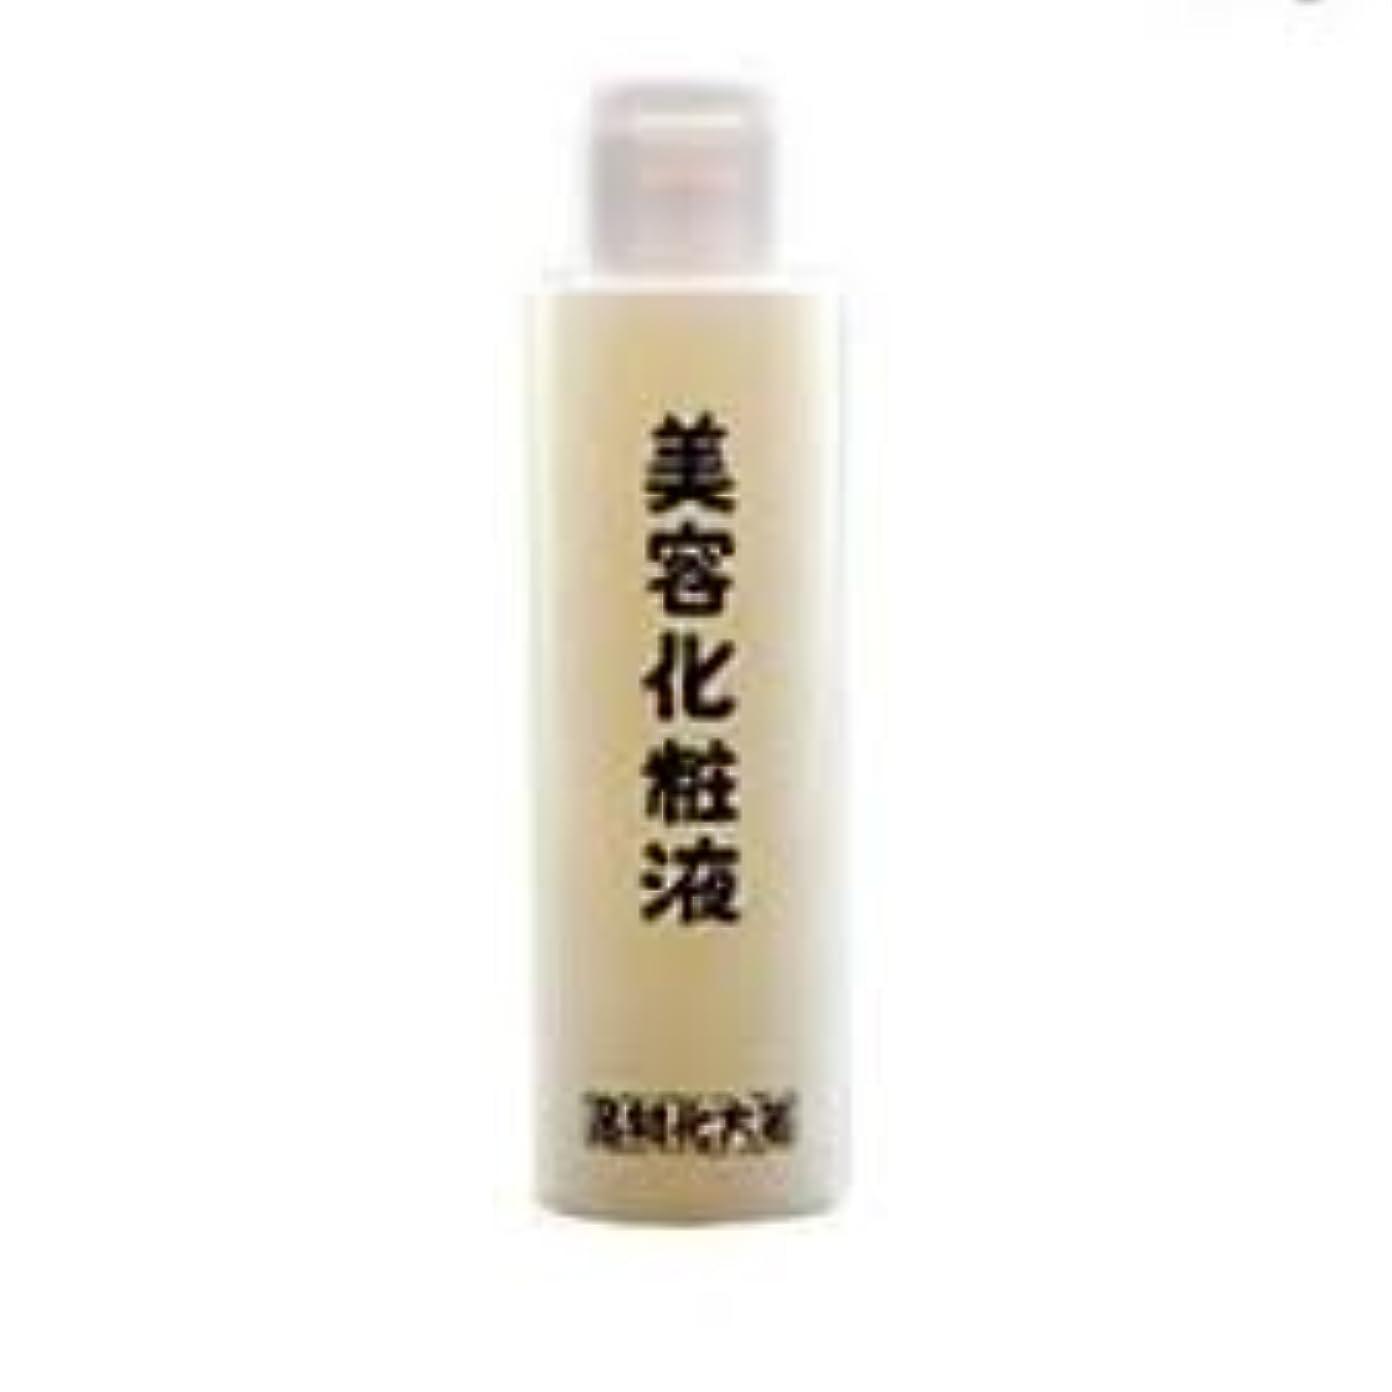 消毒剤漏斗学生箸方化粧品 美容化粧液 化粧水 120ml はしかた化粧品